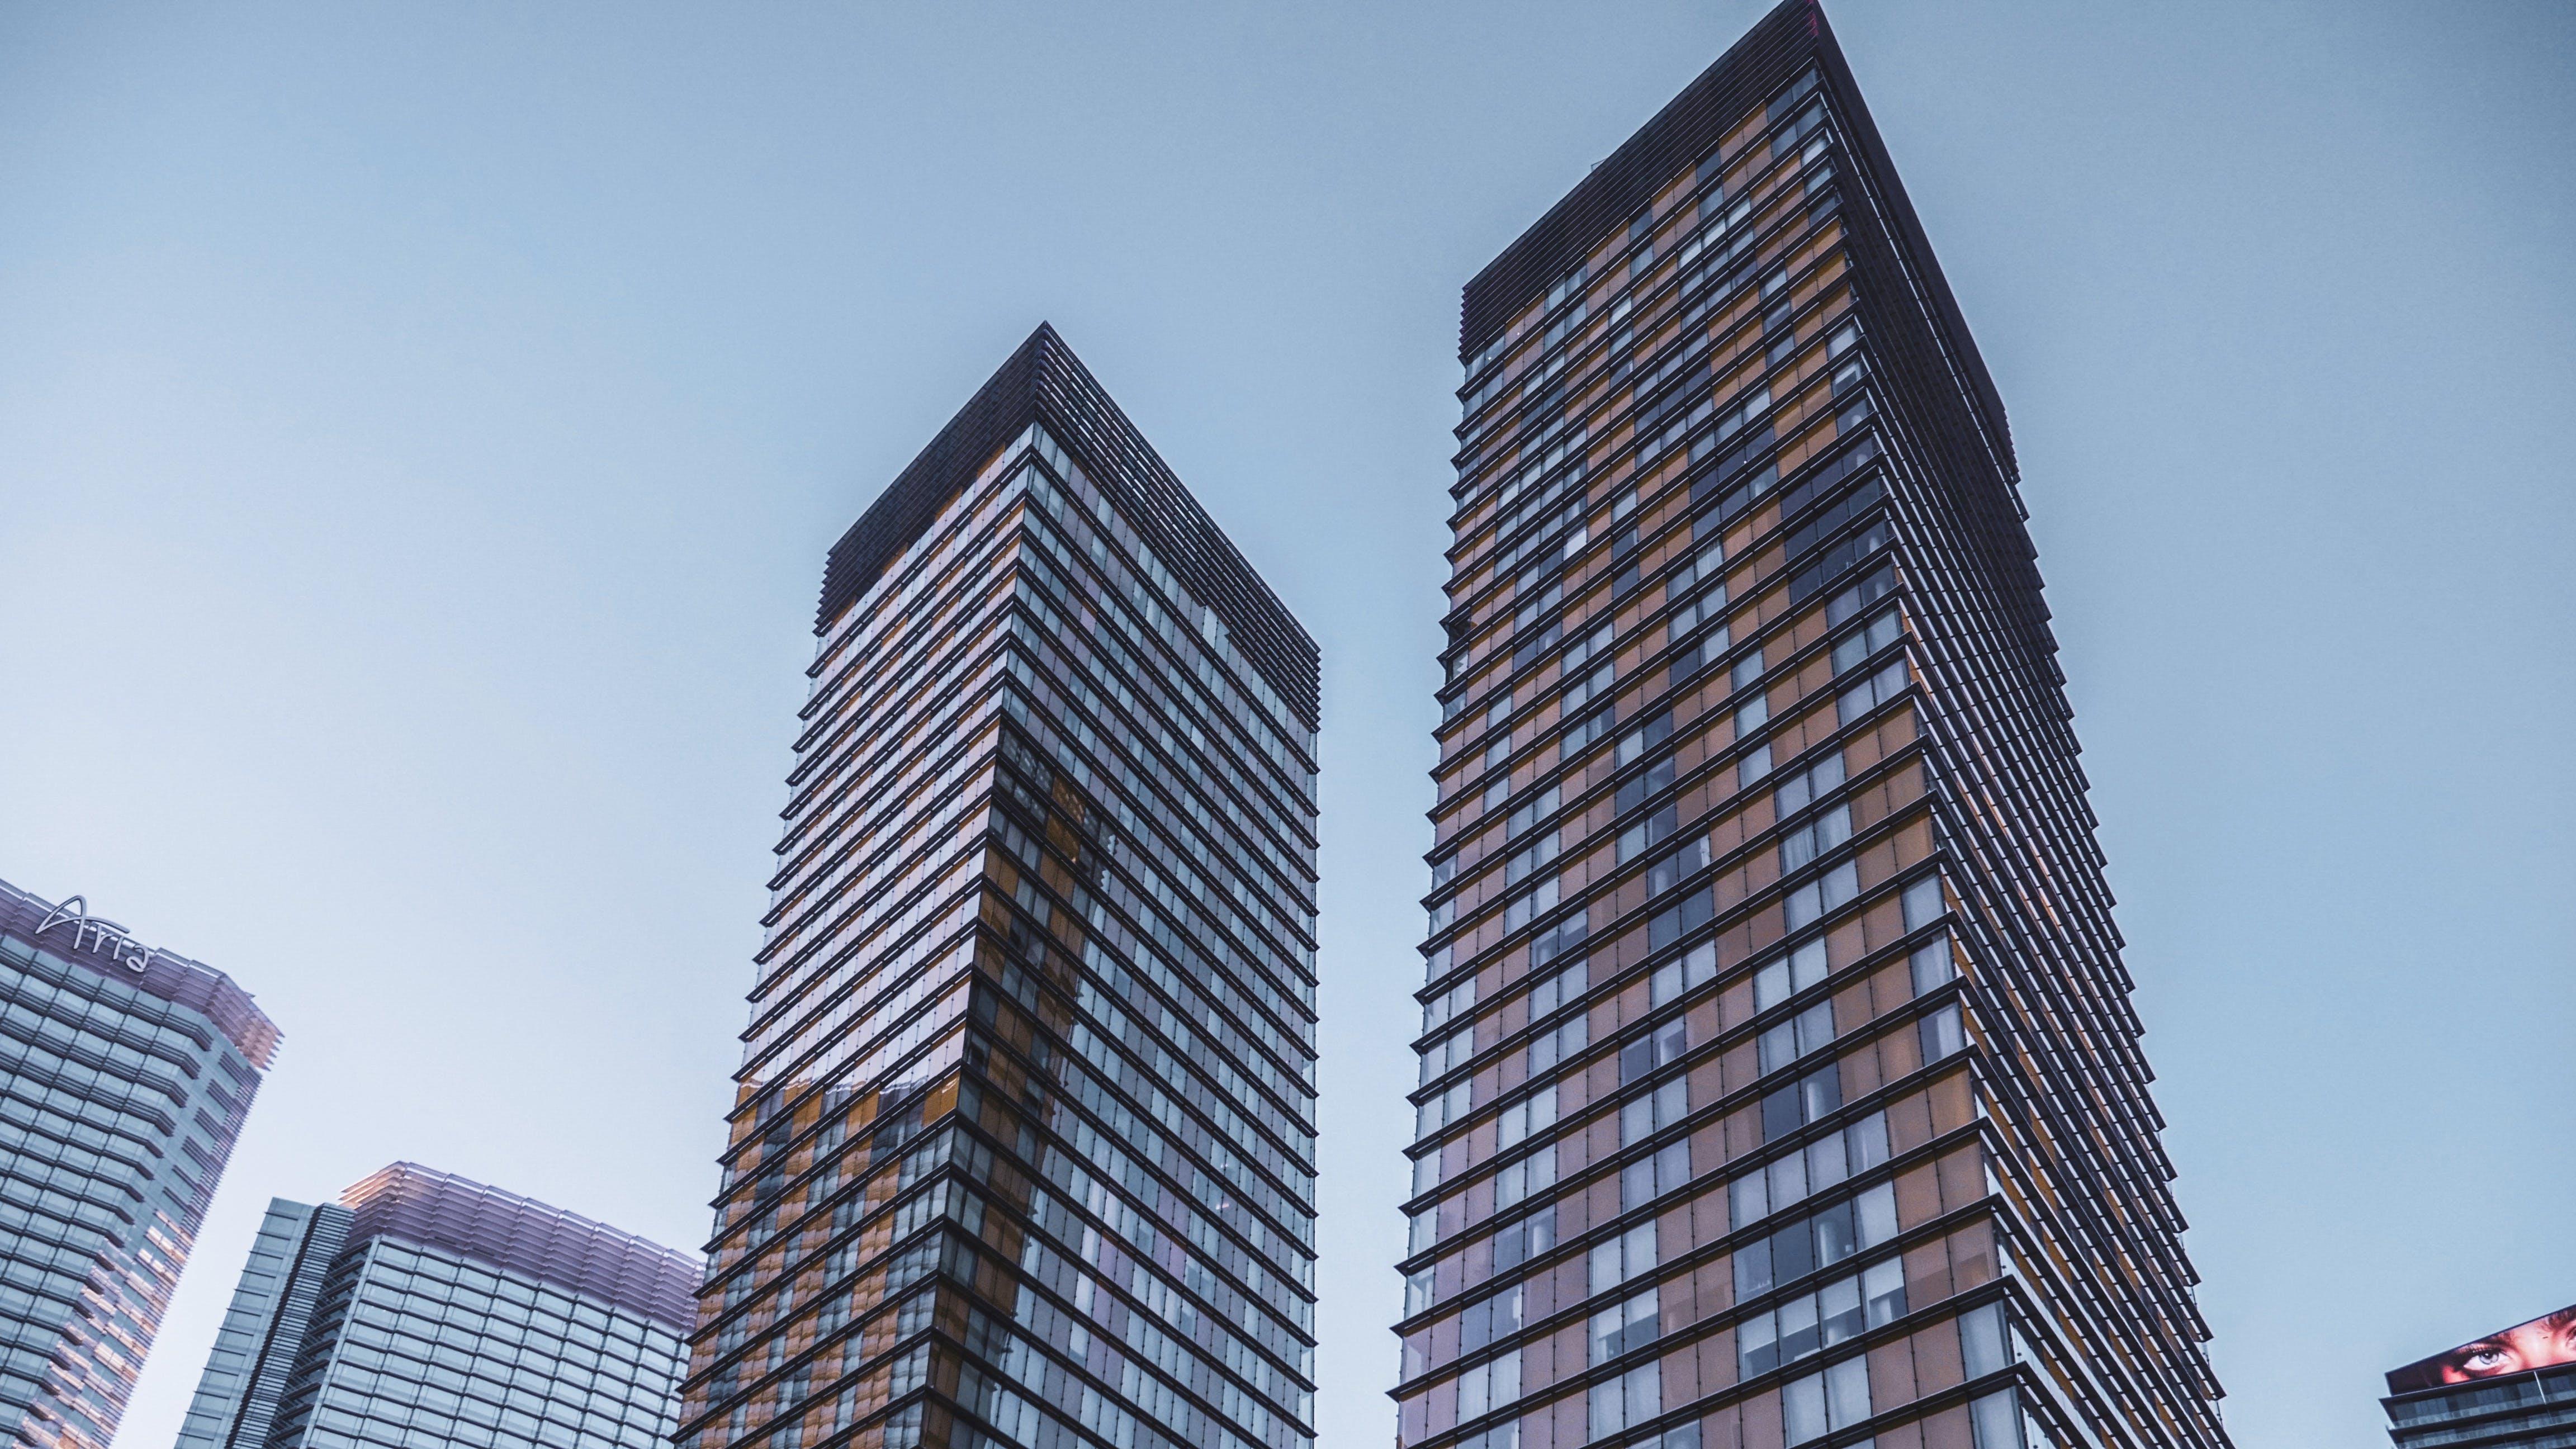 Kostenloses Stock Foto zu architektur, aufnahme von unten, futuristisch, gebäude